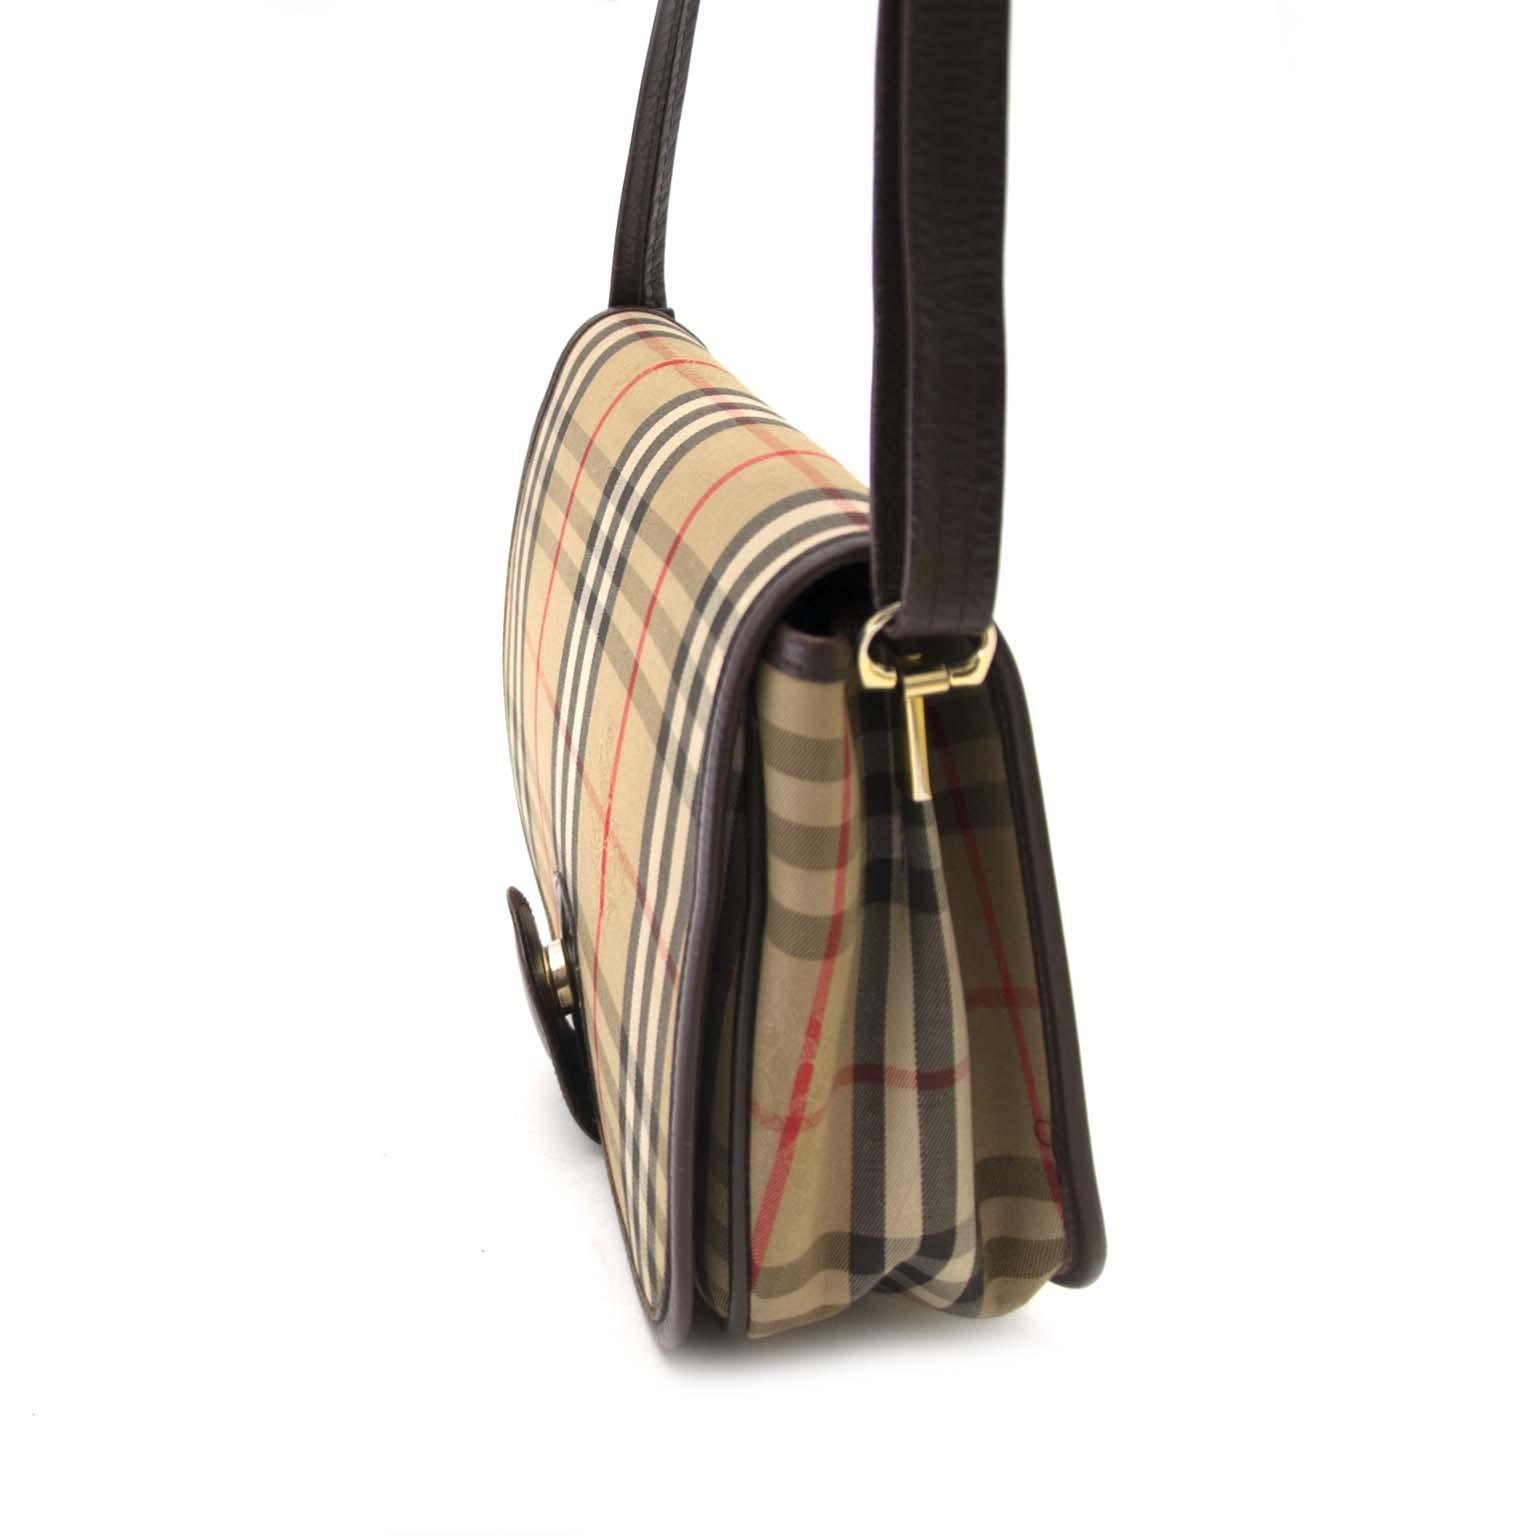 acheter en ligne pour le meilleur prix Burberry Monogram Fabric Crossbody Bag